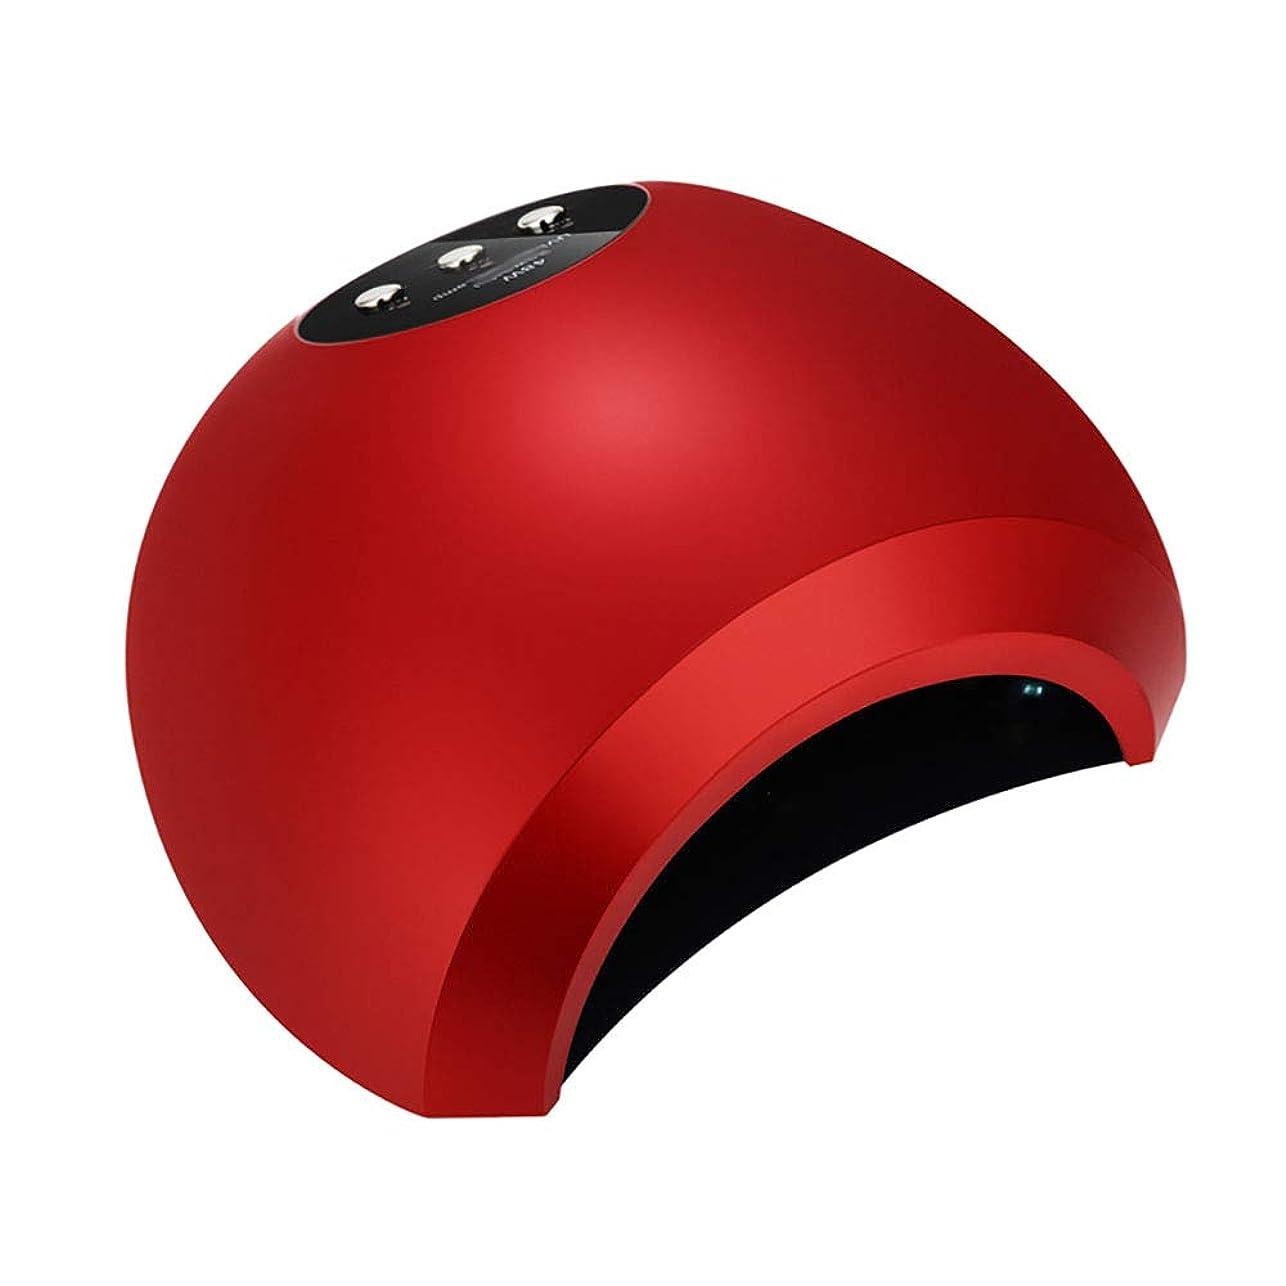 微弱労働汗釘のドライヤー - 自動赤外線センサー、二重光源のLEDランプのゲルのドライヤーのマニキュアが付いている紫外線携帯用LEDの釘ランプ